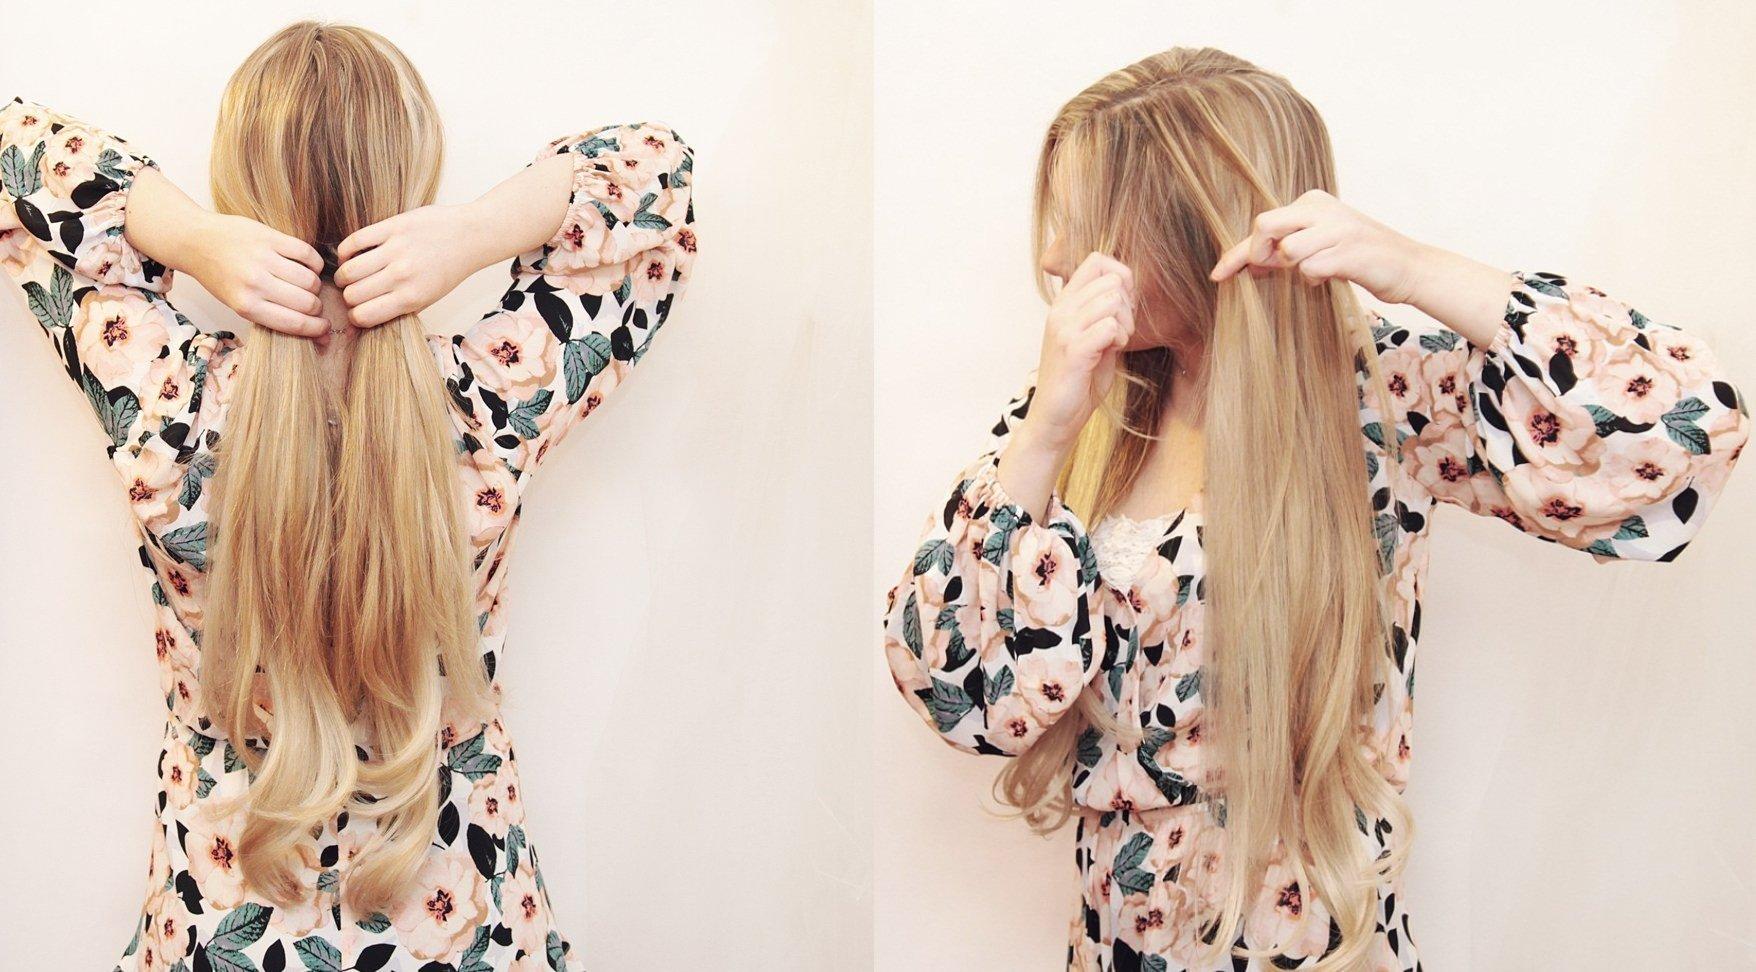 Прически на длинные волосы: 59 фото пошагово, видео - Wday